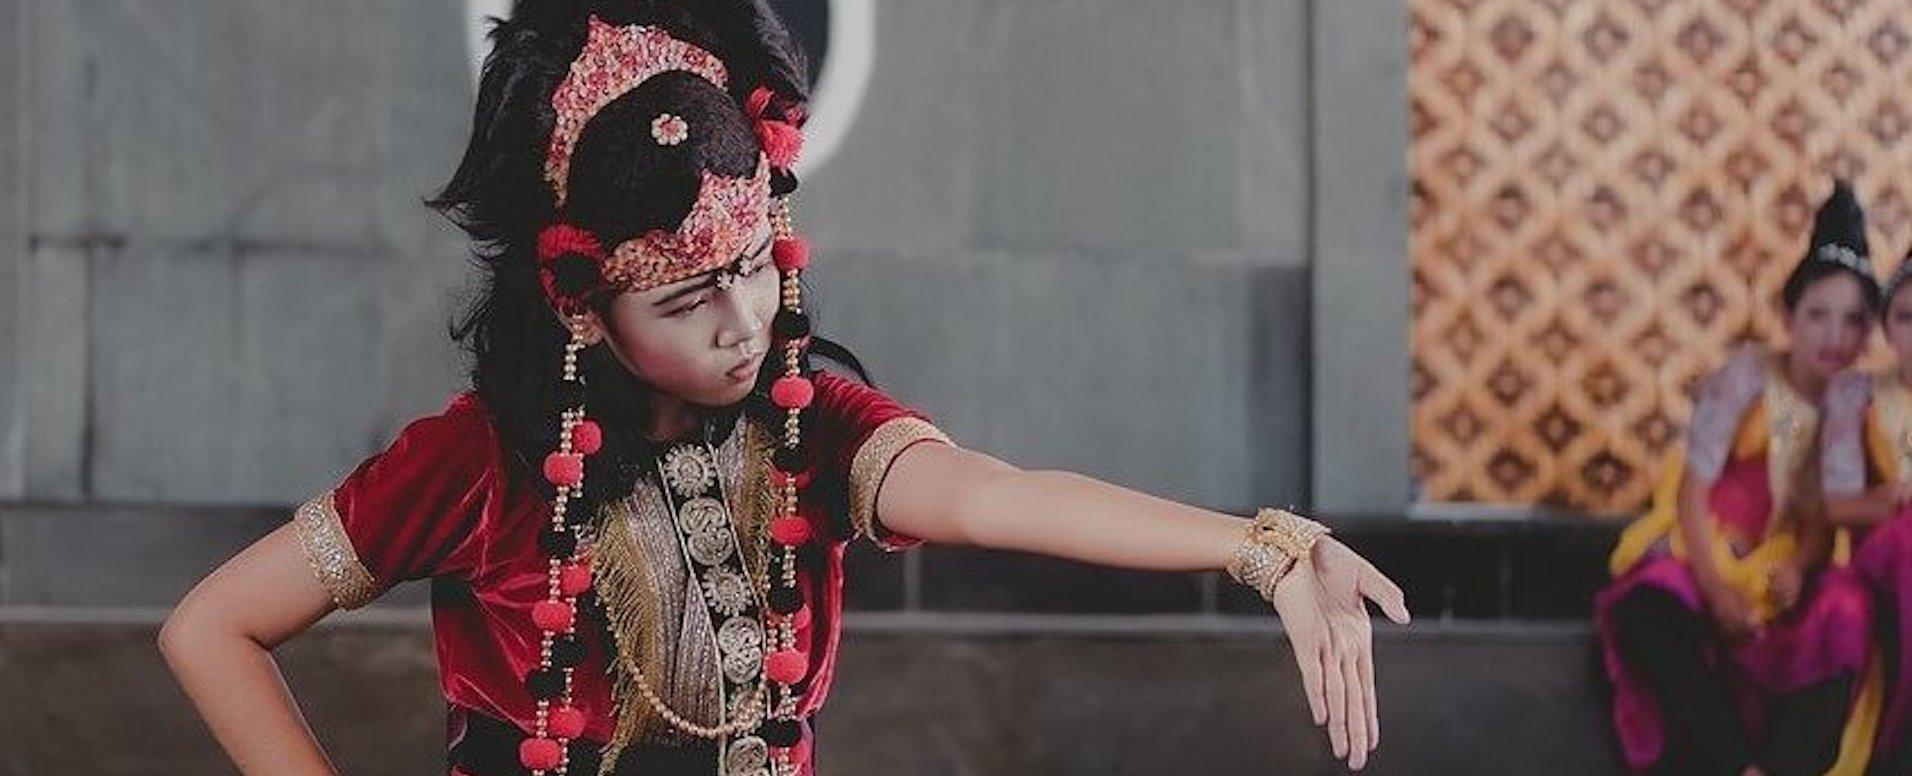 Danser au rythme des danses traditionnelles - Indonésie